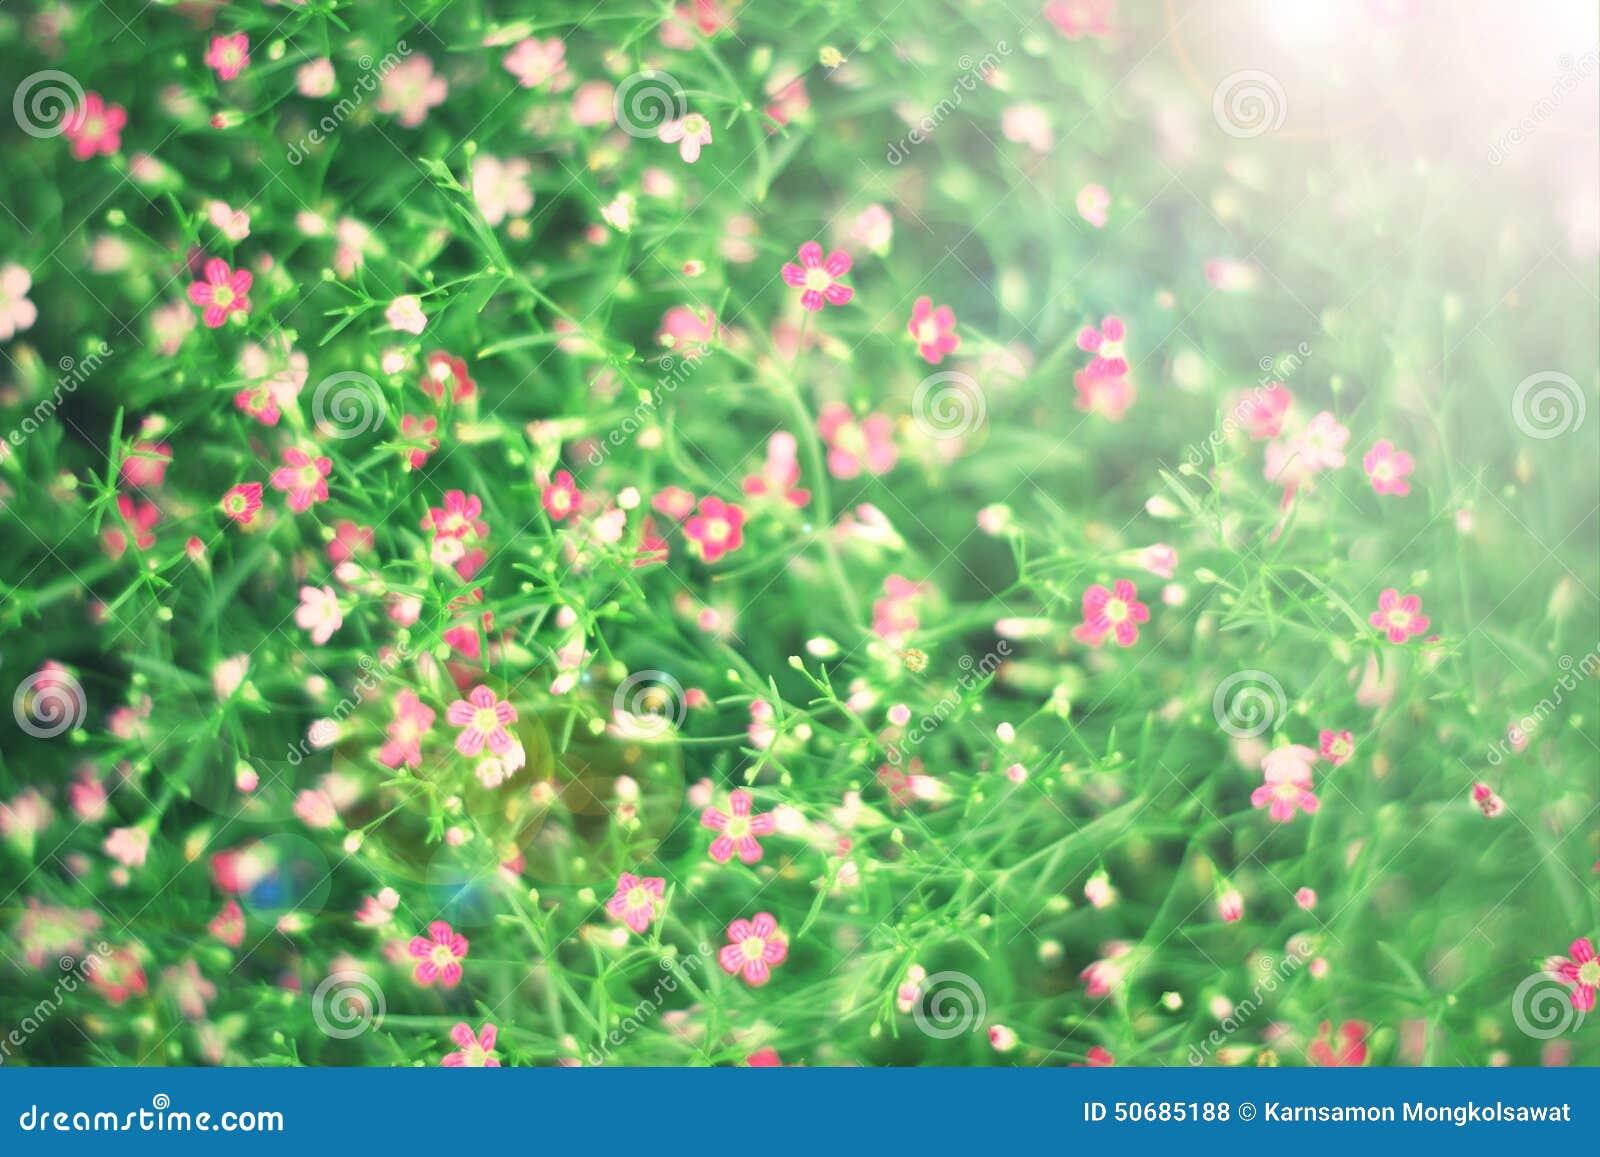 Download 桃红色野花背景葡萄酒照片 库存照片. 图片 包括有 绽放, 环境, 照片, 早晨, 逗人喜爱, 开花, 叶子 - 50685188